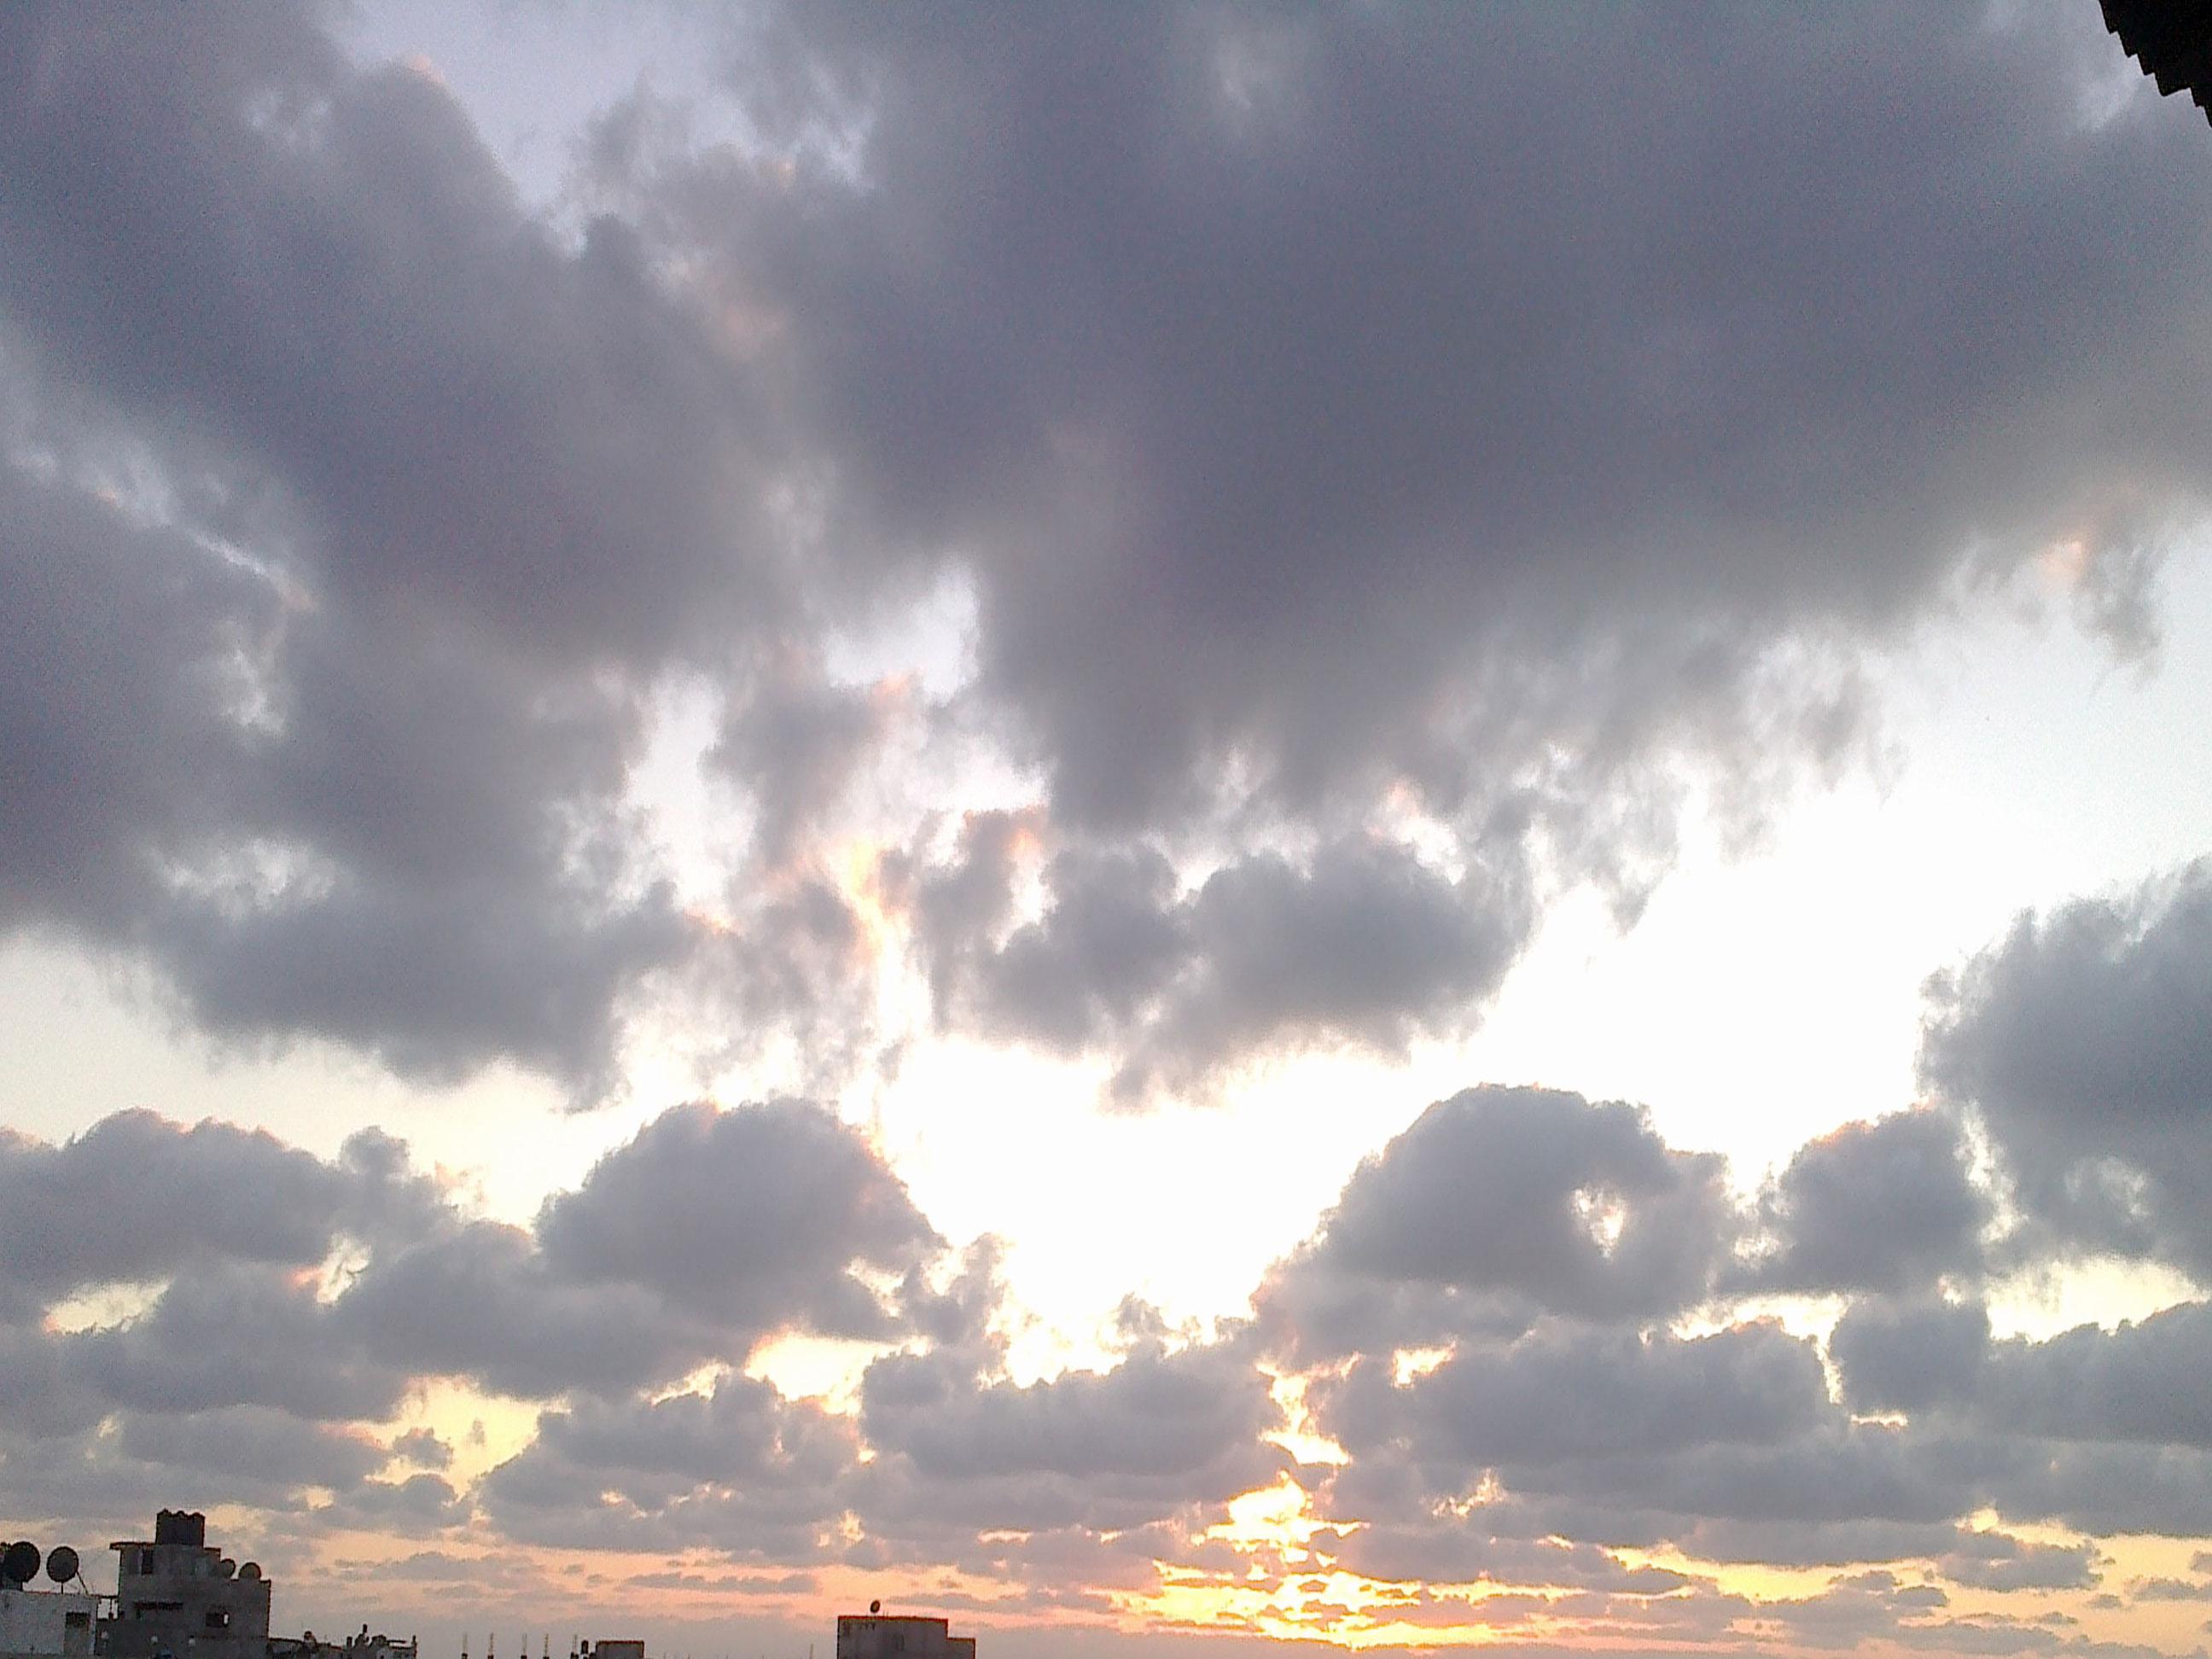 غيوم غزة...<<<عنوان غبي .^_^ - صور طبيعة